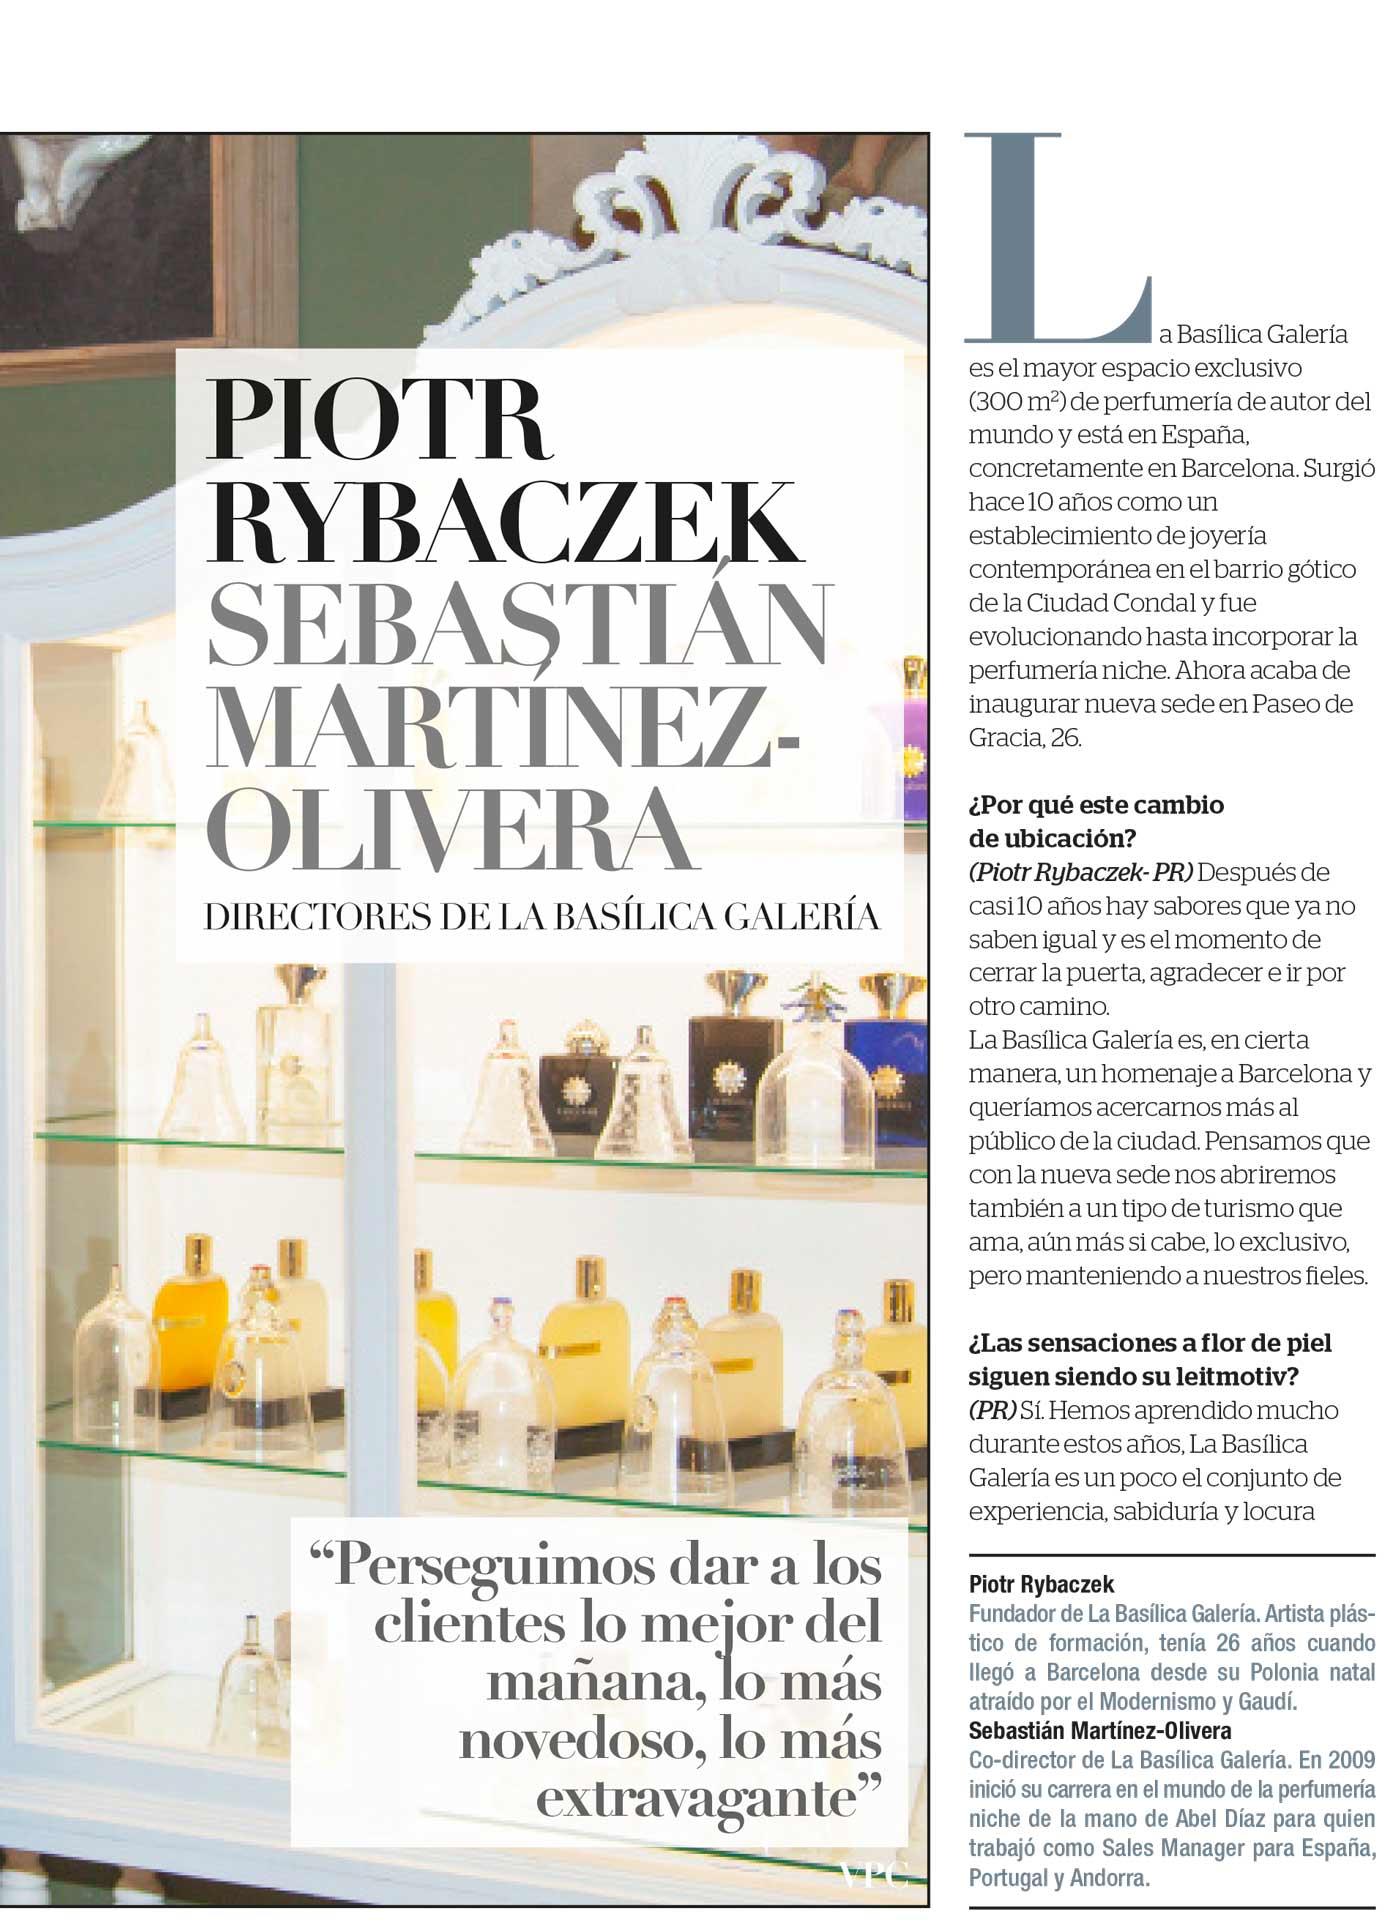 LBG Ventas de perfumería y cosmética 1 12 2016 2 - Prensa